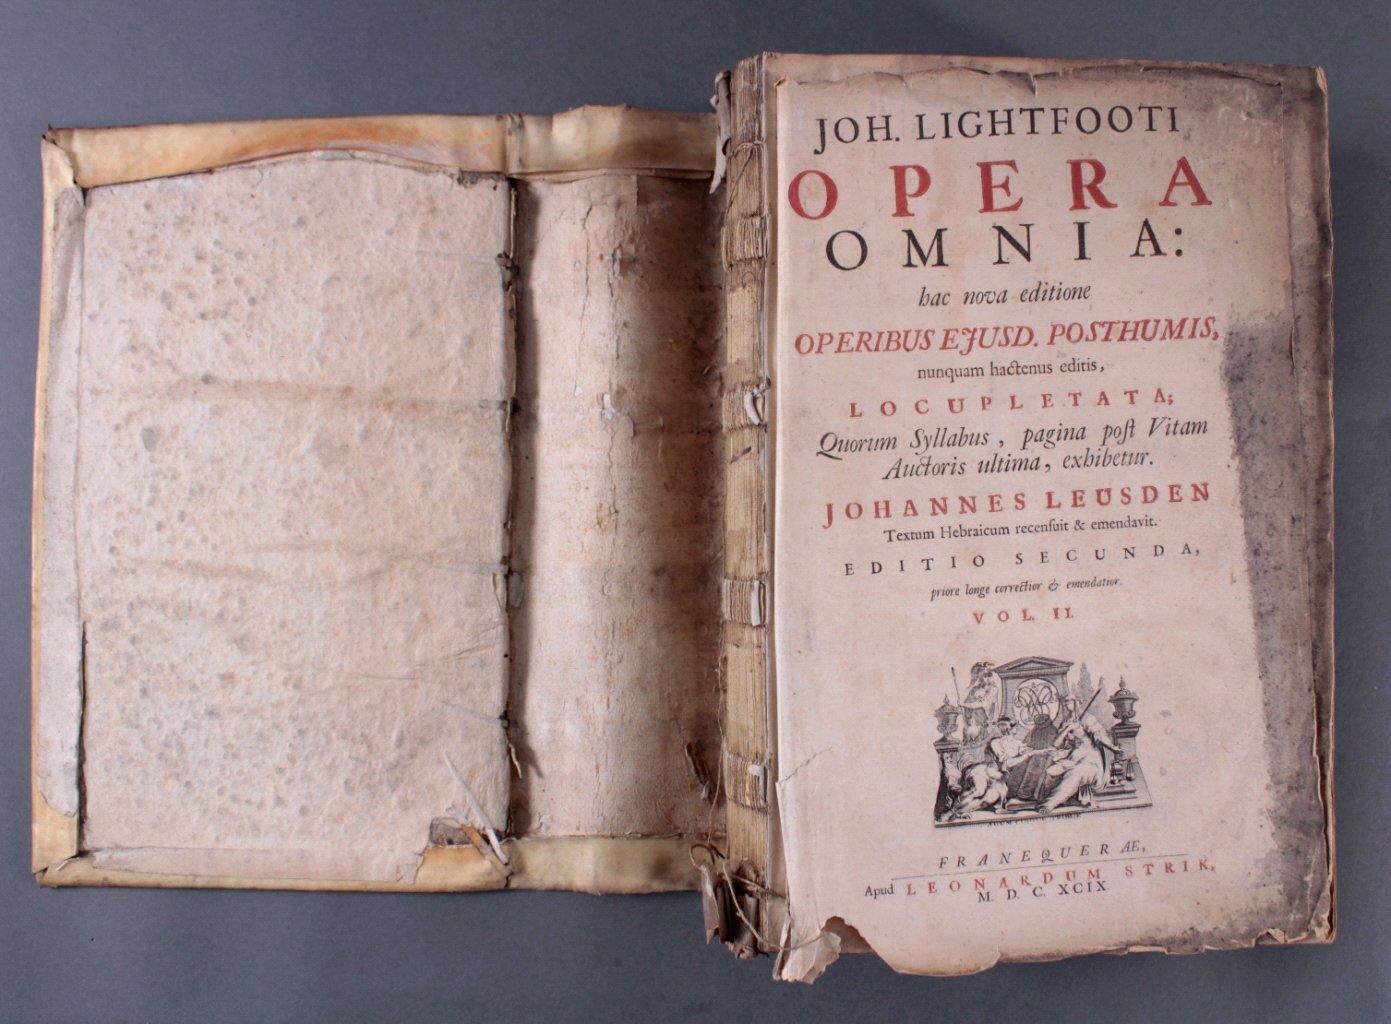 2 Bände Opera Ominia – Joh. Lightfooti, 1618-3